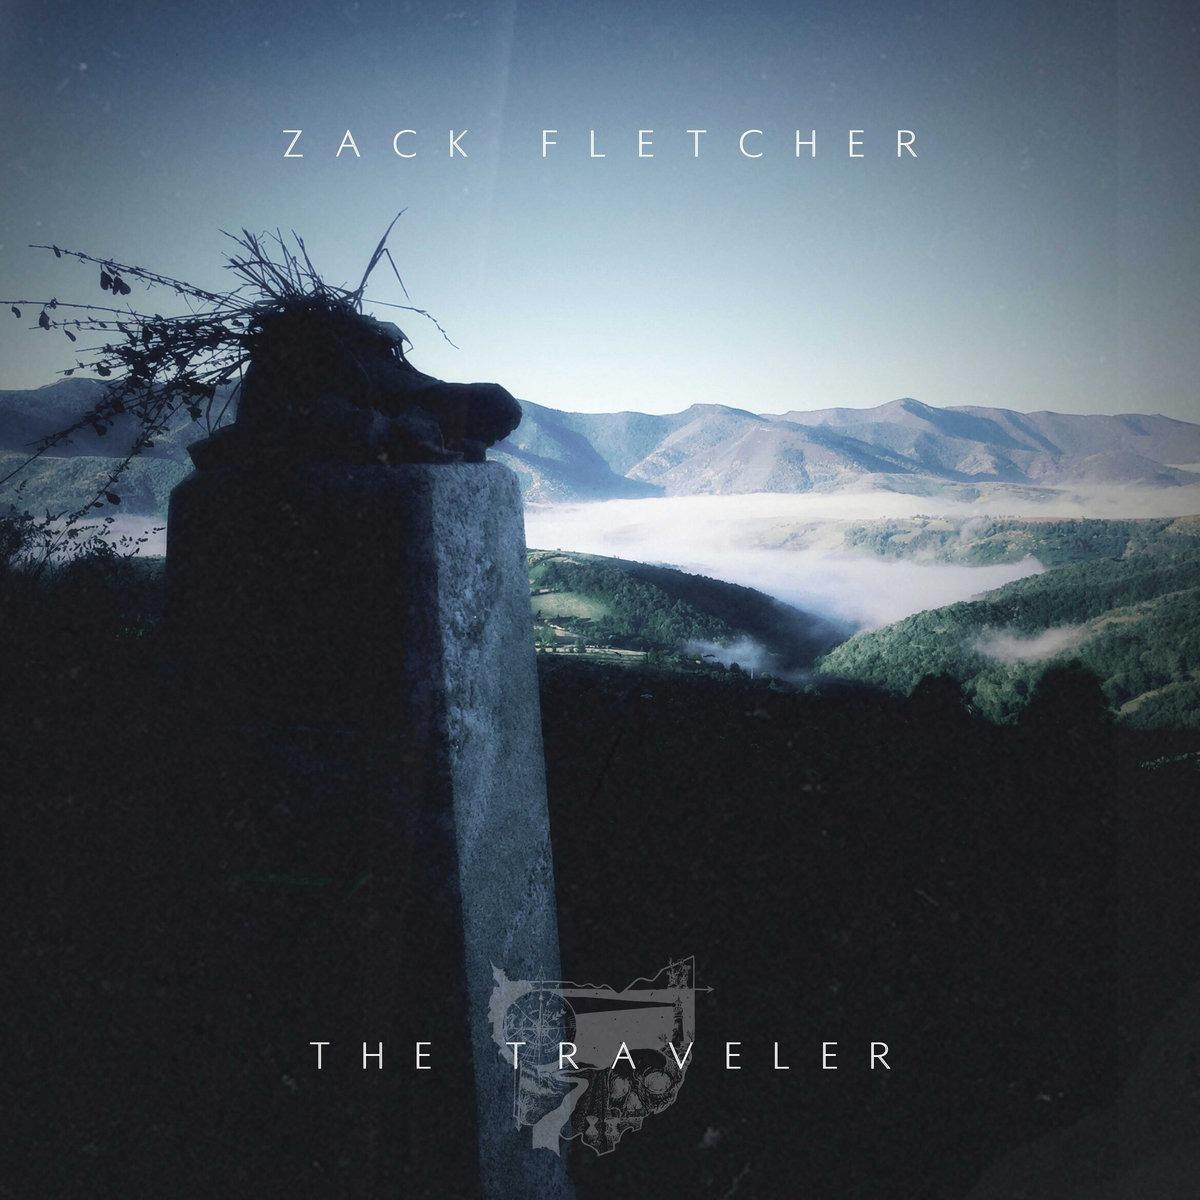 Moths in the Attic Zack Fletcher's The Traveler Link Thumbnail   Linktree